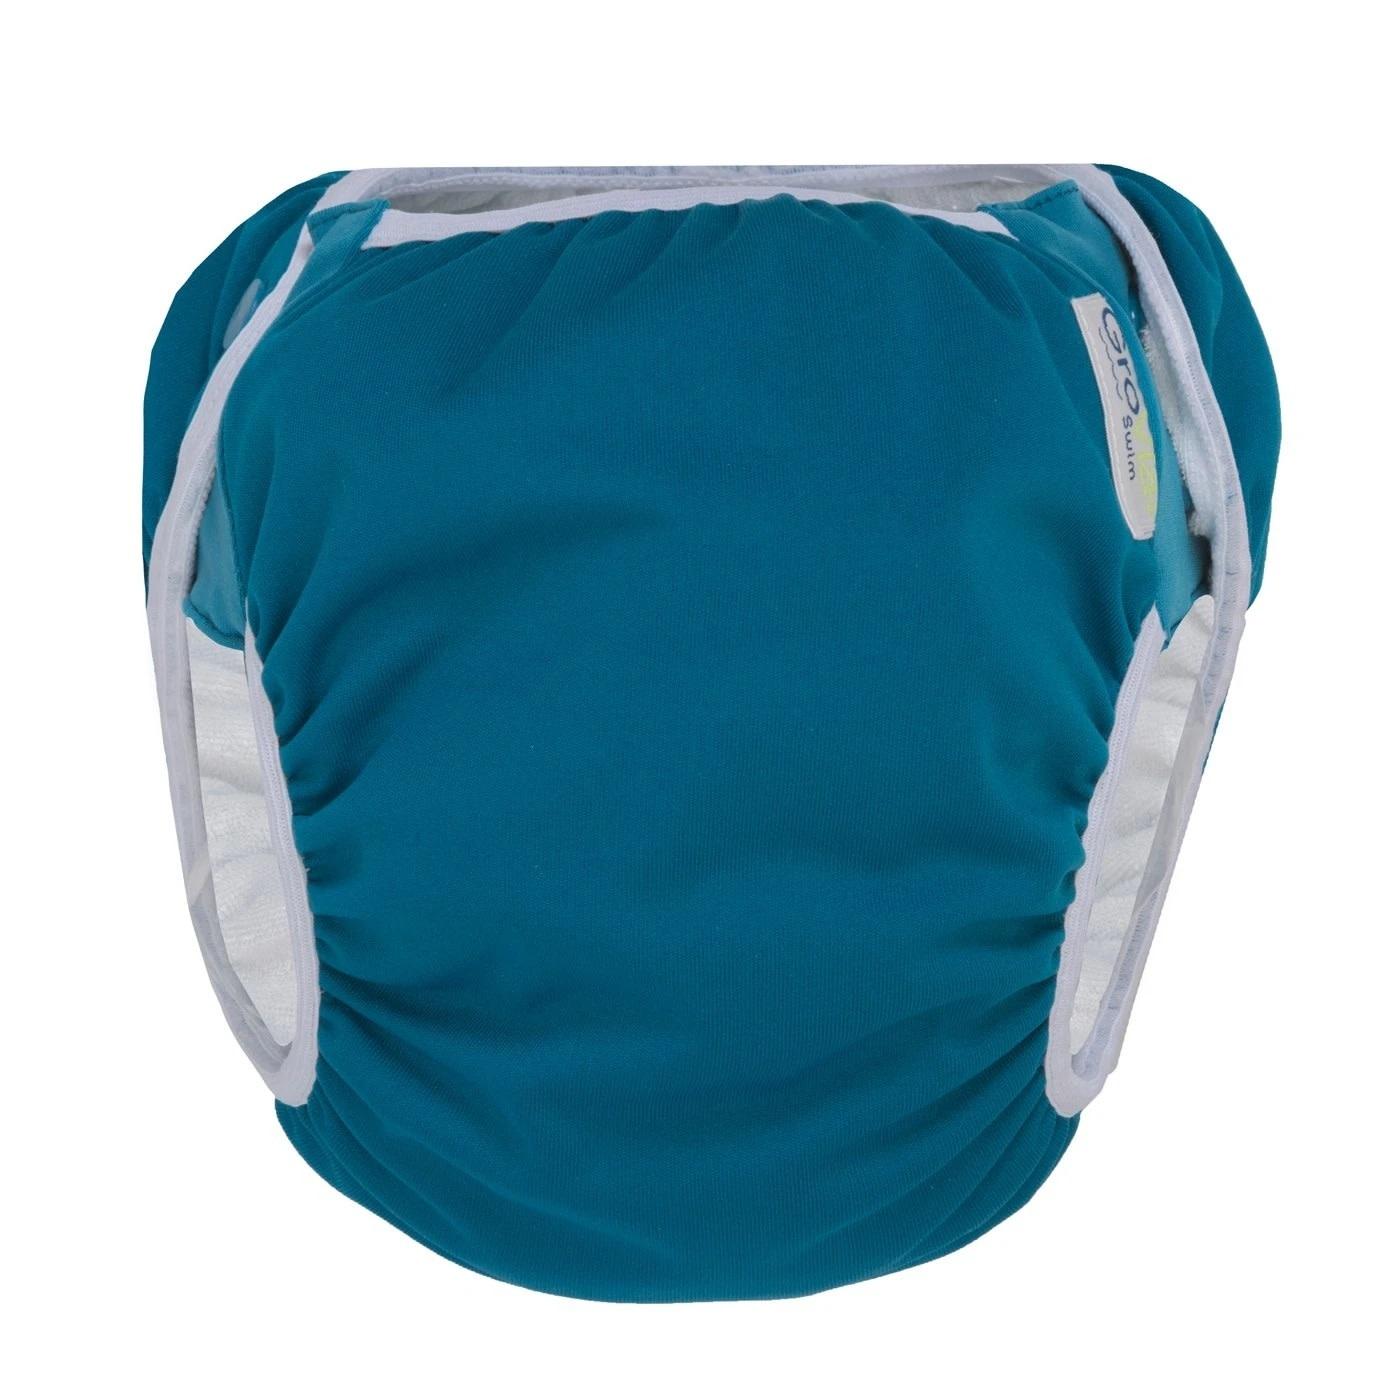 GroVia Abalone Swim Diaper